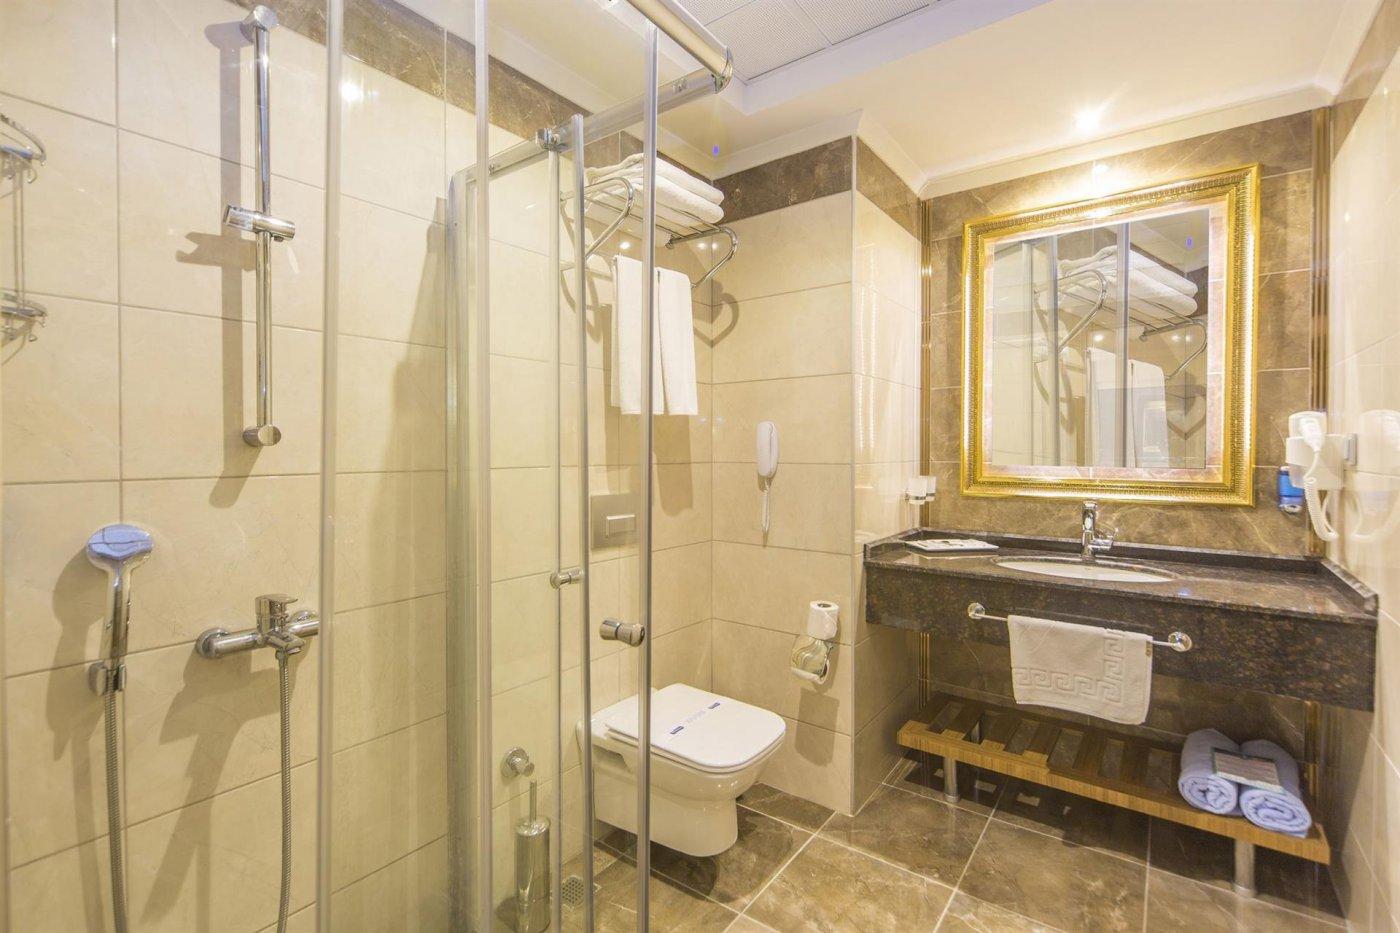 Ванная комната в номере отеля Lonicera Resort & Spa 5* (Лонисера Резорт энд Спа 5*)